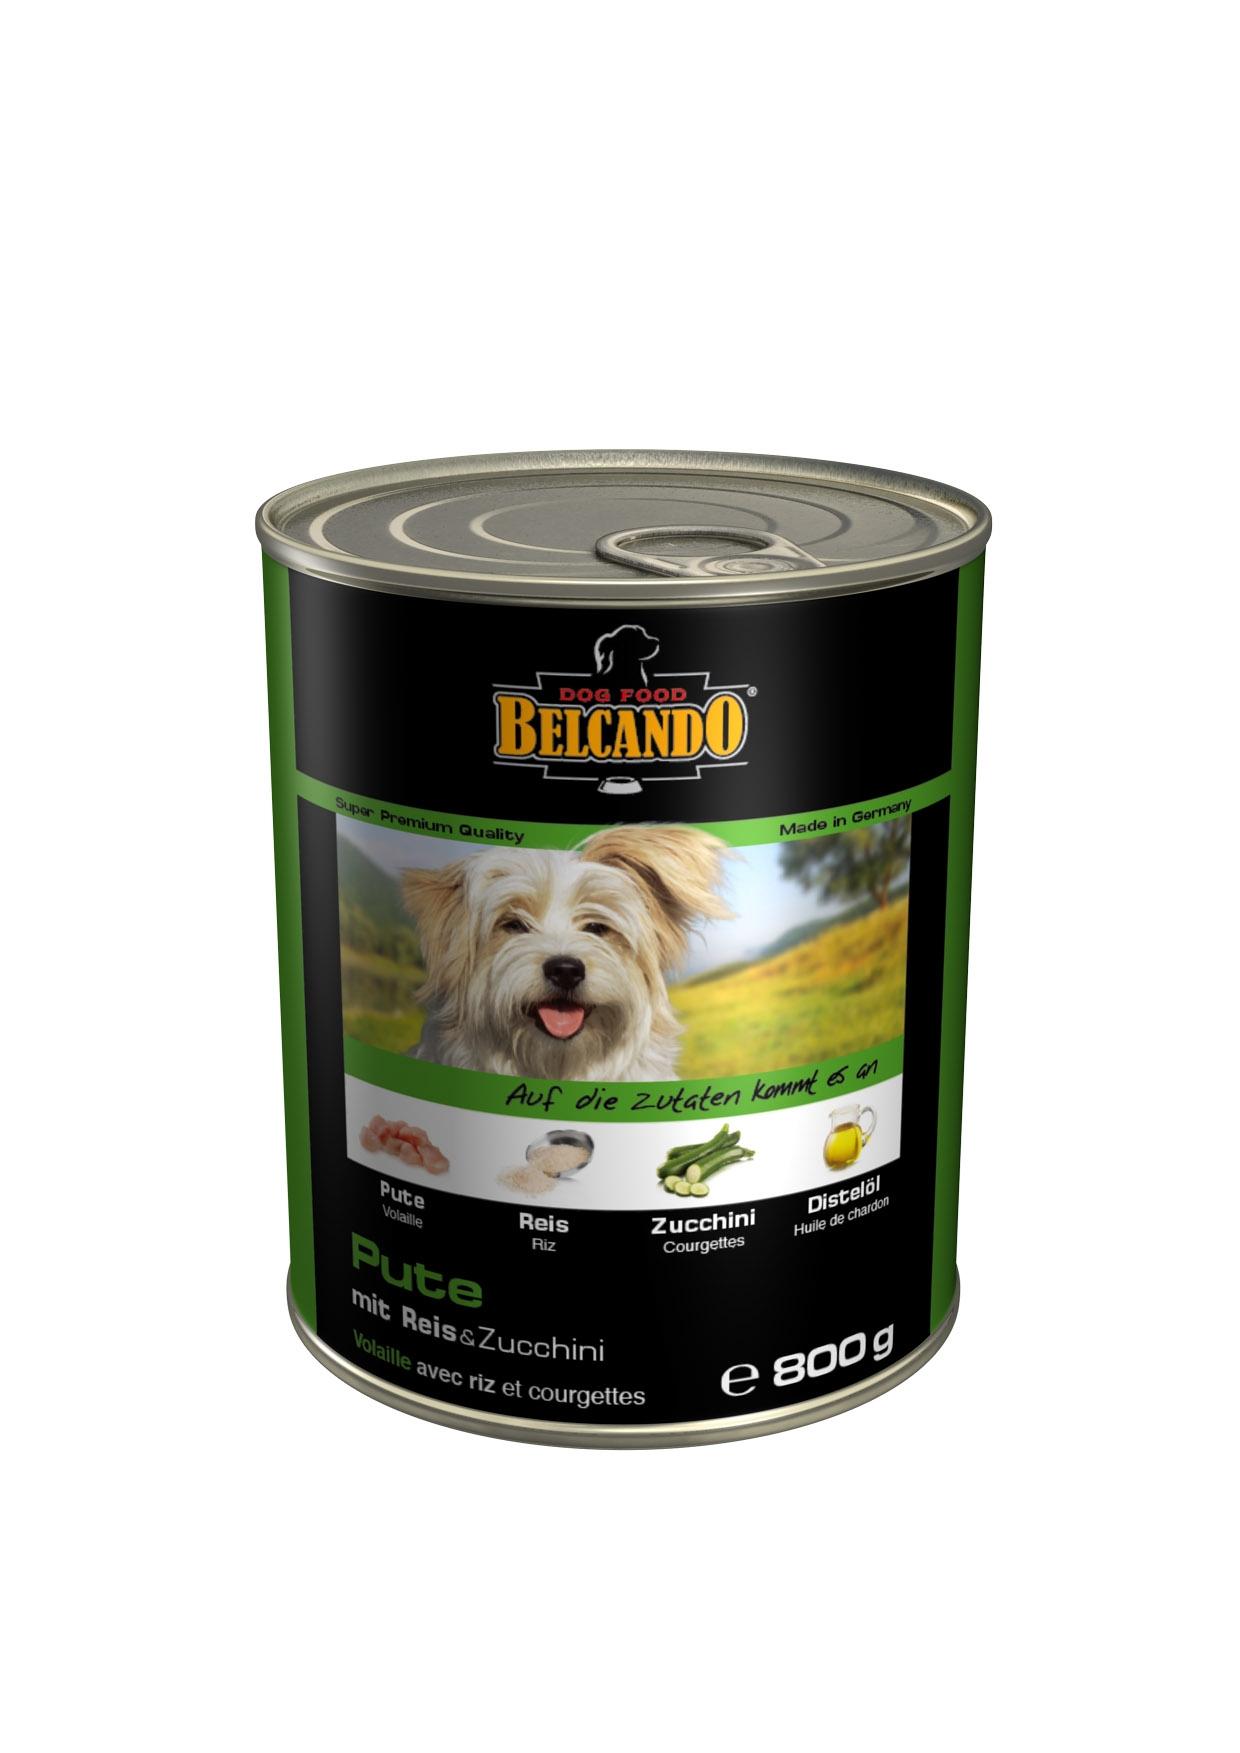 Консервы для собак Belcando, с мясом и овощами, 800 г13156Консервы Belcando - это полнорационное влажное питание для собак. Подходят для собак всех возрастов. Комбинируется с любым типом корма, в том числе с натуральной пищей. Состав: мясо 93,8%, овощи 5%, витамины и минералы 1,2%. Анализ состава: протеин 14 %, жир 5 %, клетчатка 0,3 %, зола 2,5 %, влажность 79 %, витамин А 2,500 МЕ/кг, витамин Е 40 мг/кг, витамин D3 250 МЕ/кг, кальций 0,4 %, фосфор 0,16 %. Вес: 800 г. Товар сертифицирован.